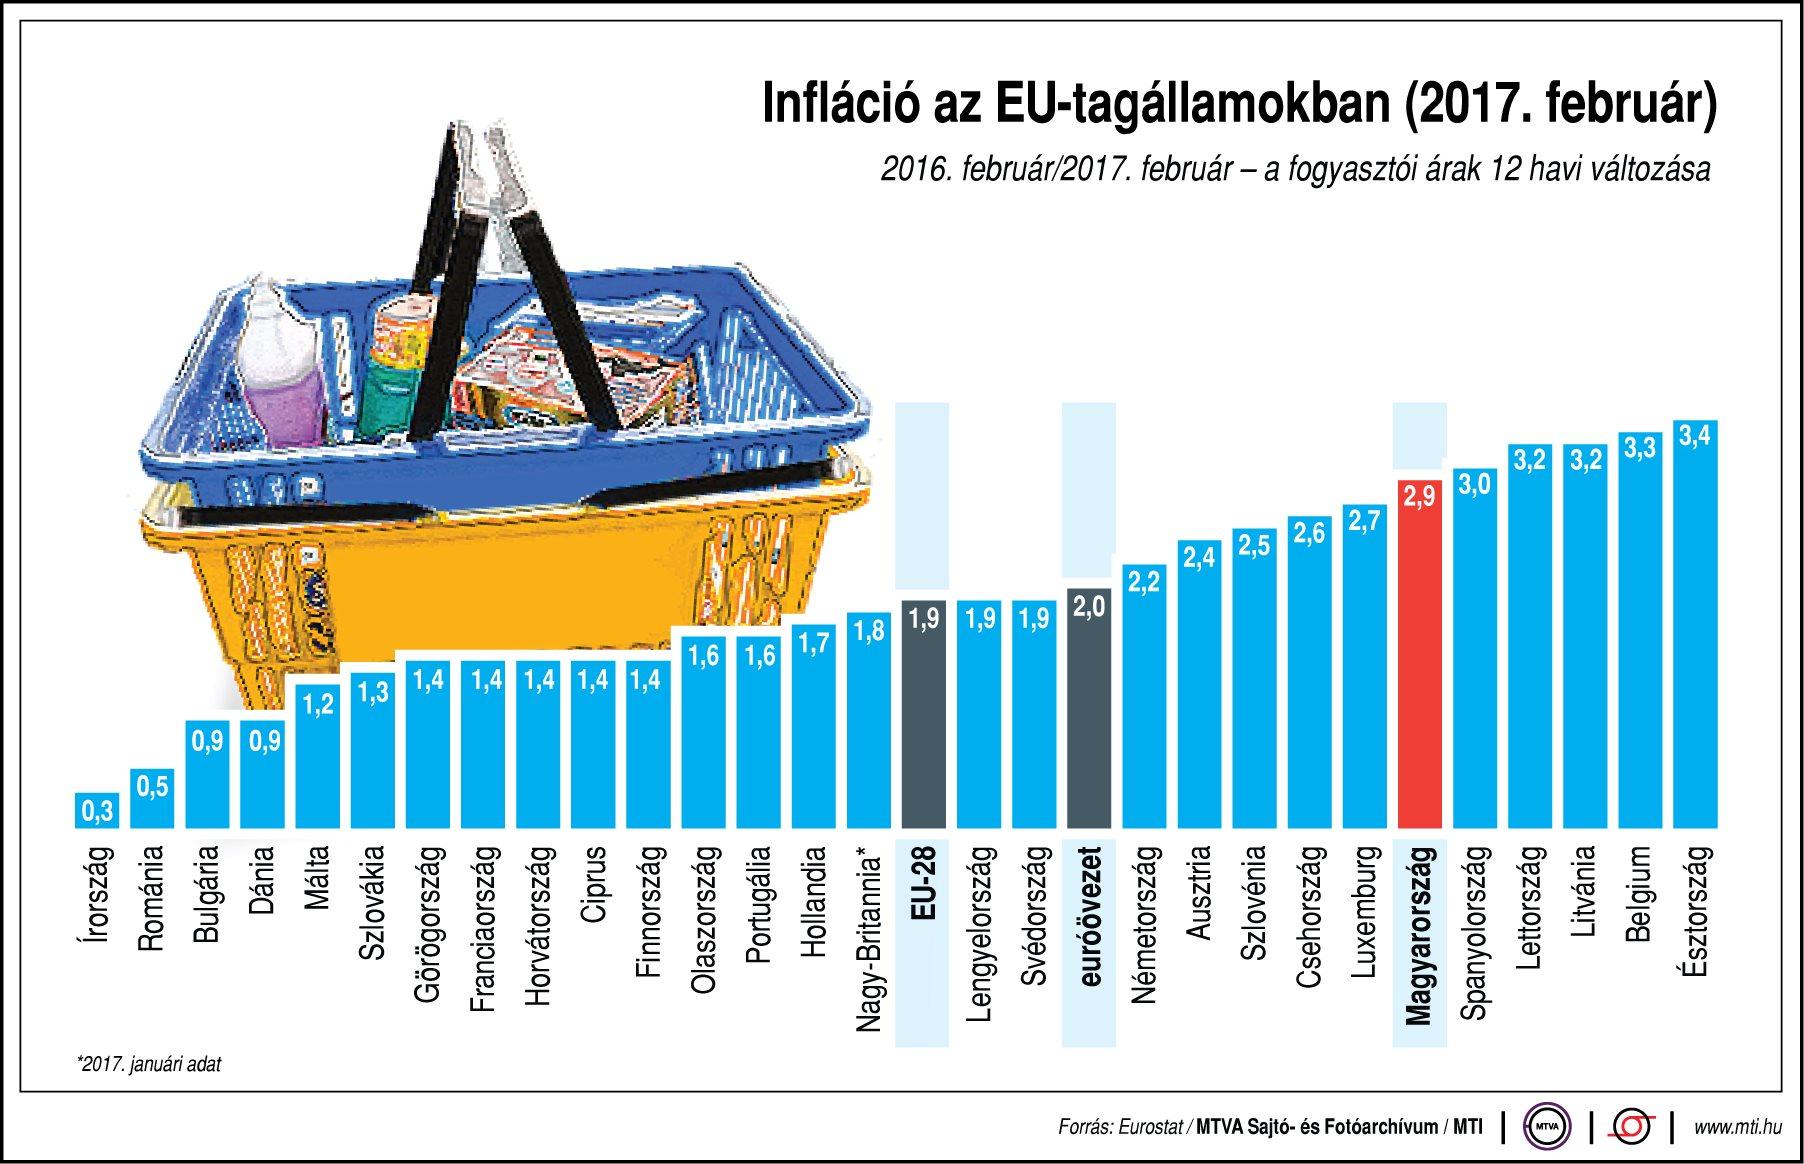 Így az infláció az EU-tagállamokban